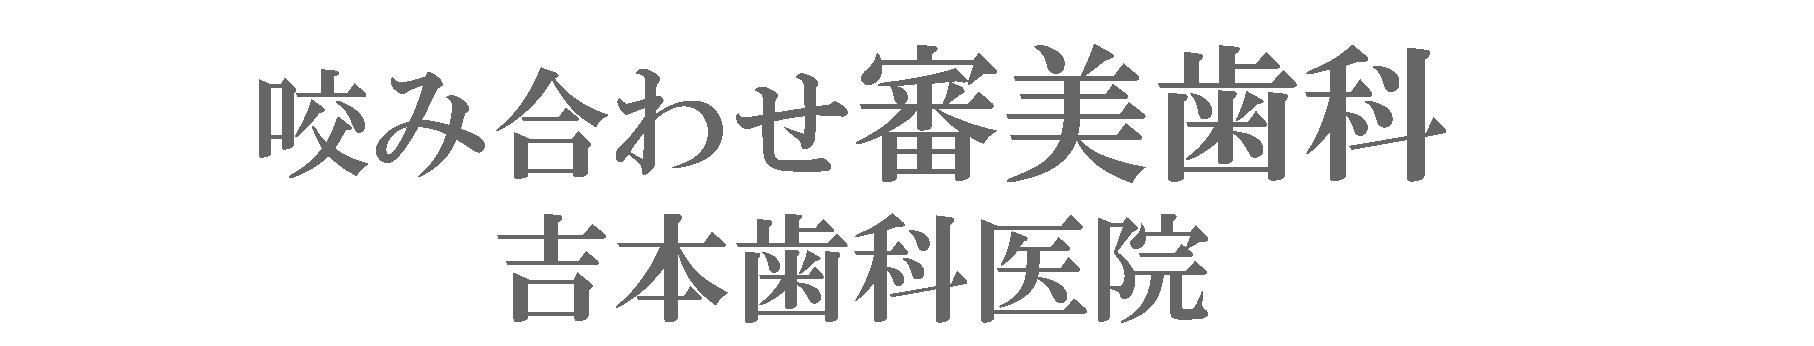 香川県高松市の審美歯科なら咬み合わせ専門の吉本歯科医院